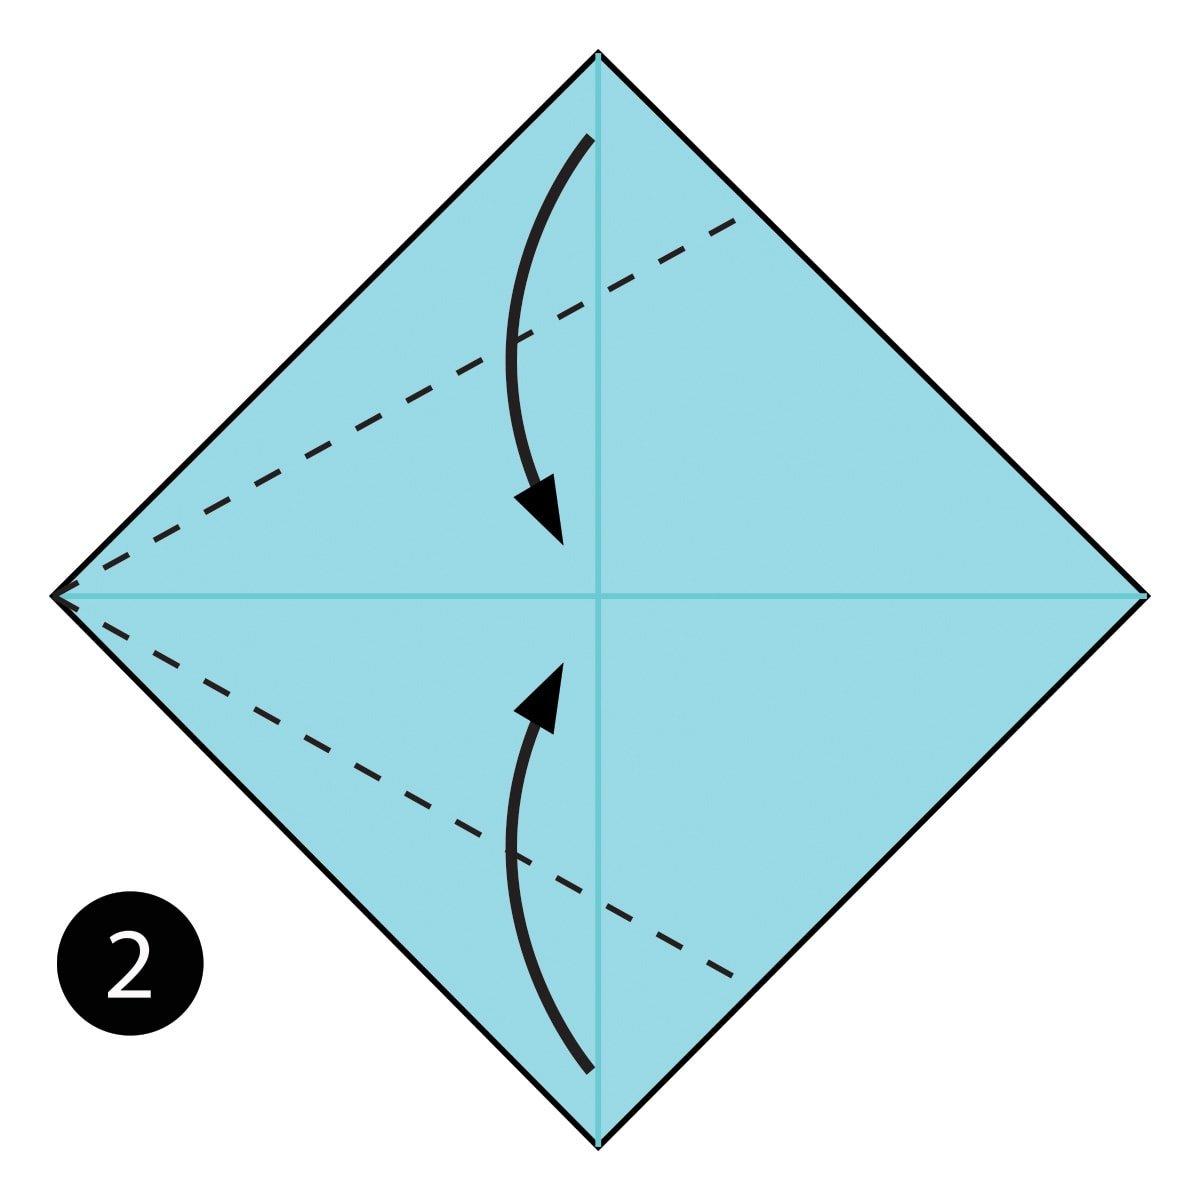 Blowfish Step 2